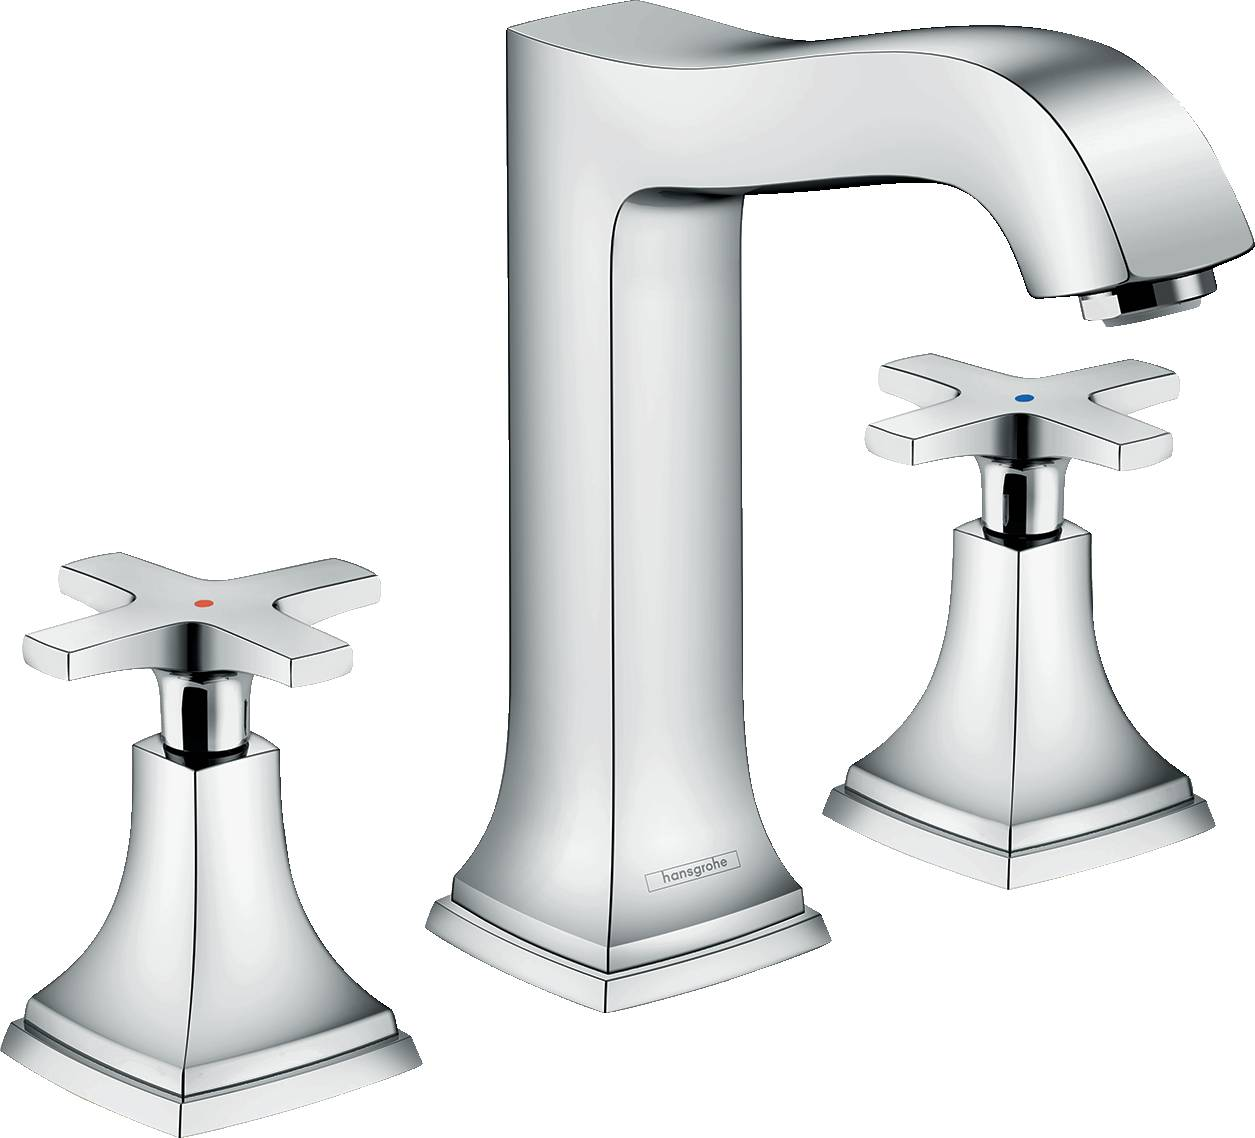 Hansgrohe Metropol Classic Mélangeur de lavabo 160, 3 trous poignées croisillons, avec tirette et vidage